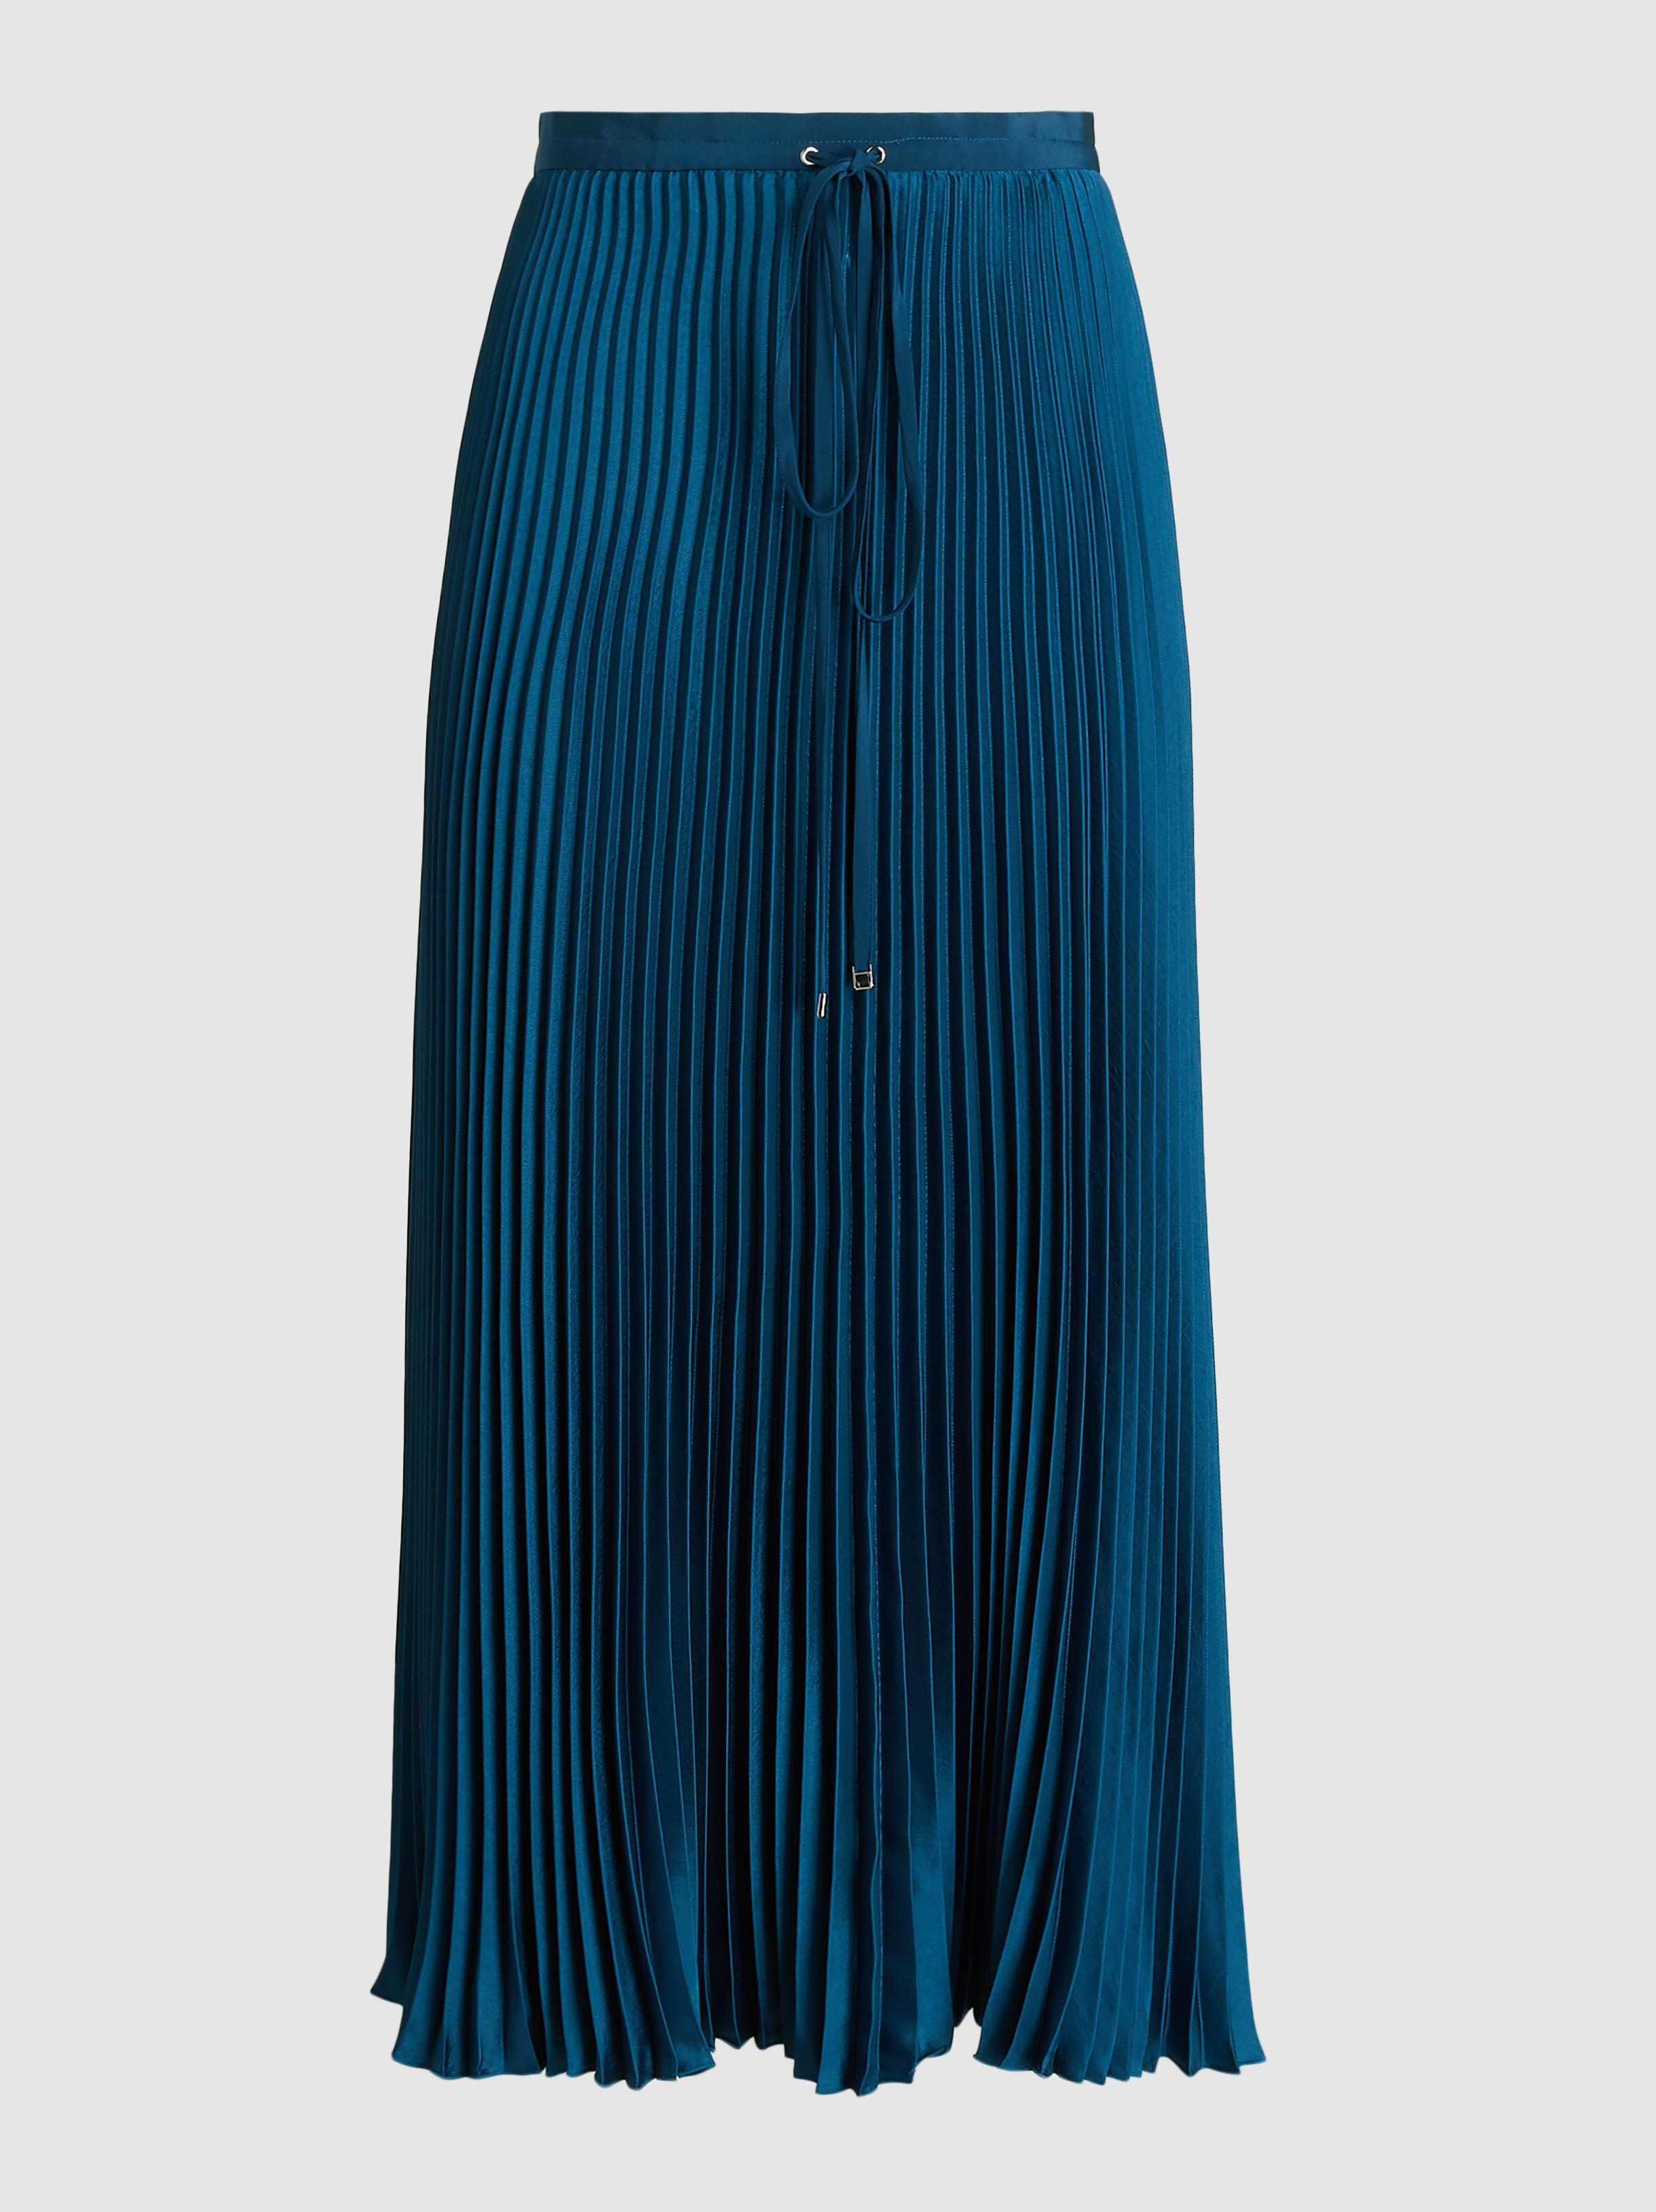 9cc1d85375 Tibi Mendini Pleated Twill Midi Skirt in Blue - Lyst